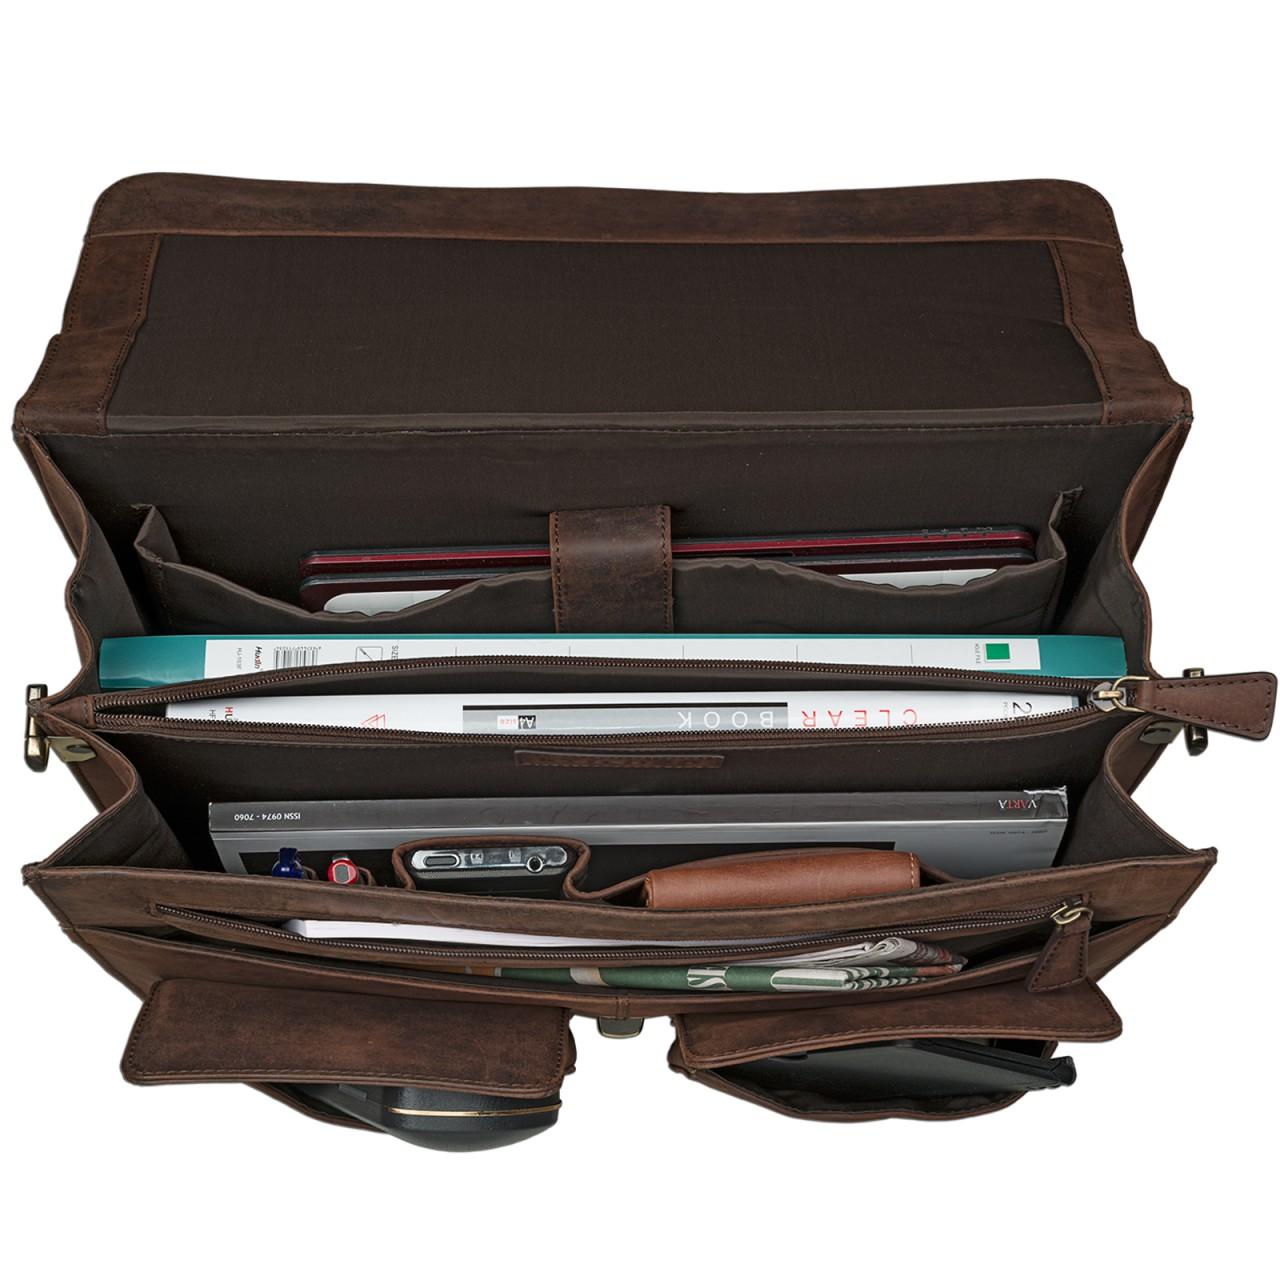 STILORD Klassische Ledertasche Aktentasche Lehrertasche Umhängetasche für Laptops bis 15.6 Zoll echtes Rinds Leder, Vintage Design dunkelbraun - Bild 6